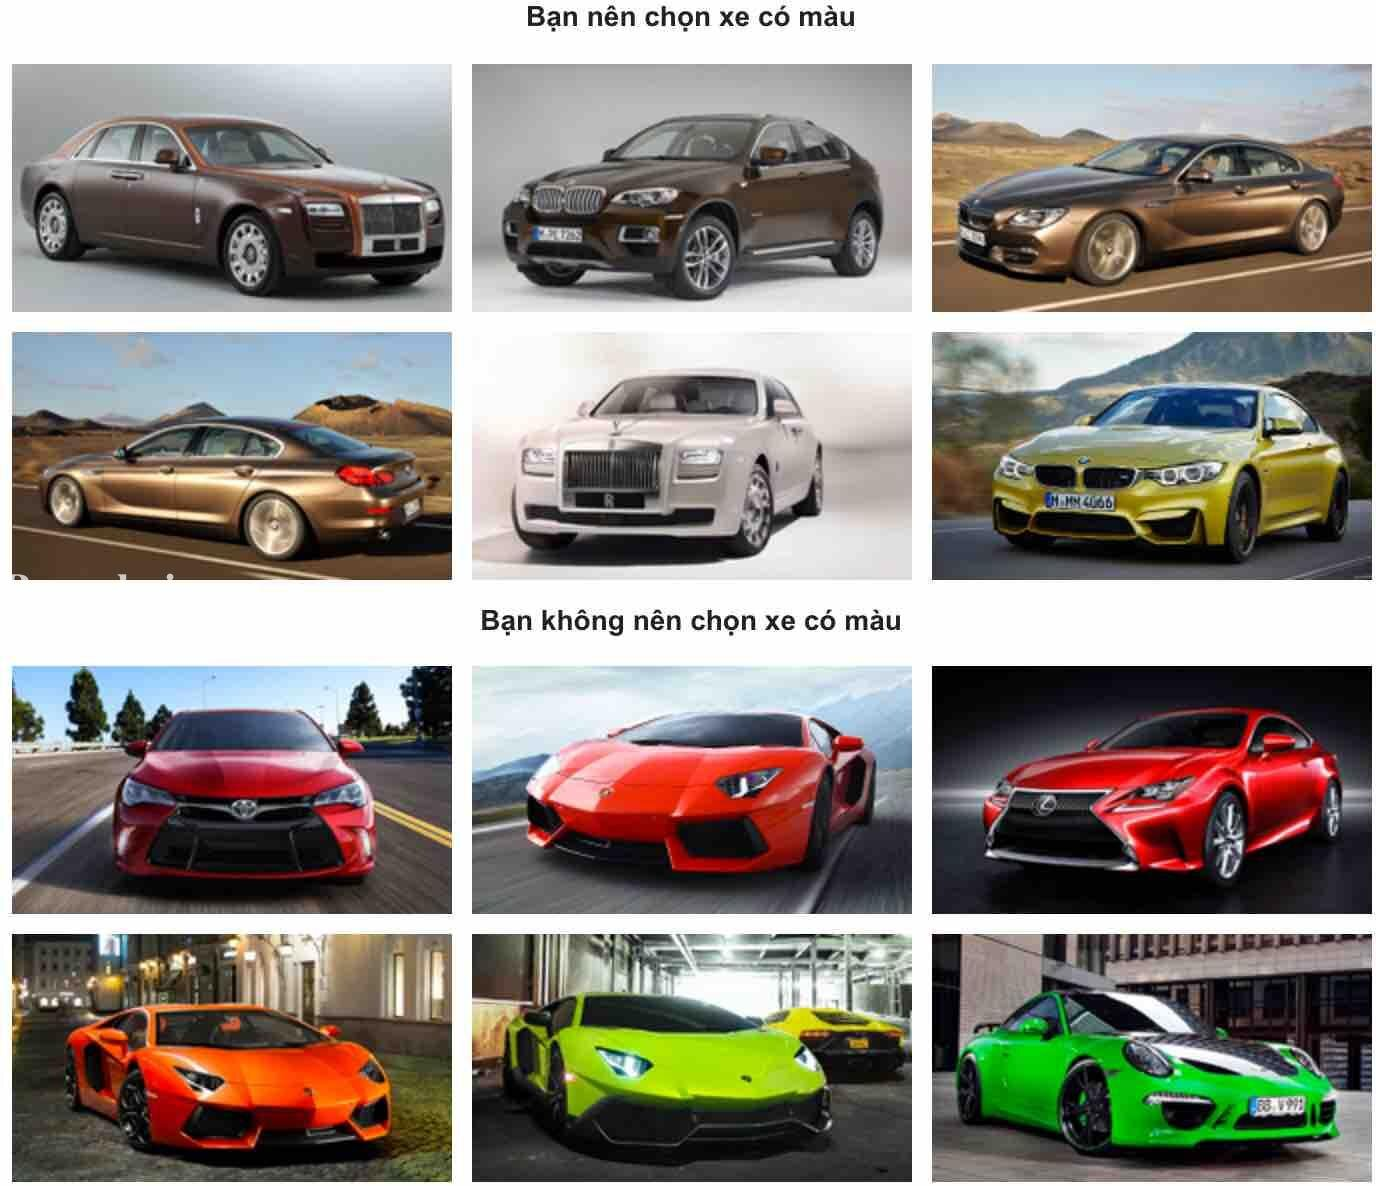 Người mệnh Kim nên mua xe màu gì và tránh màu gì?